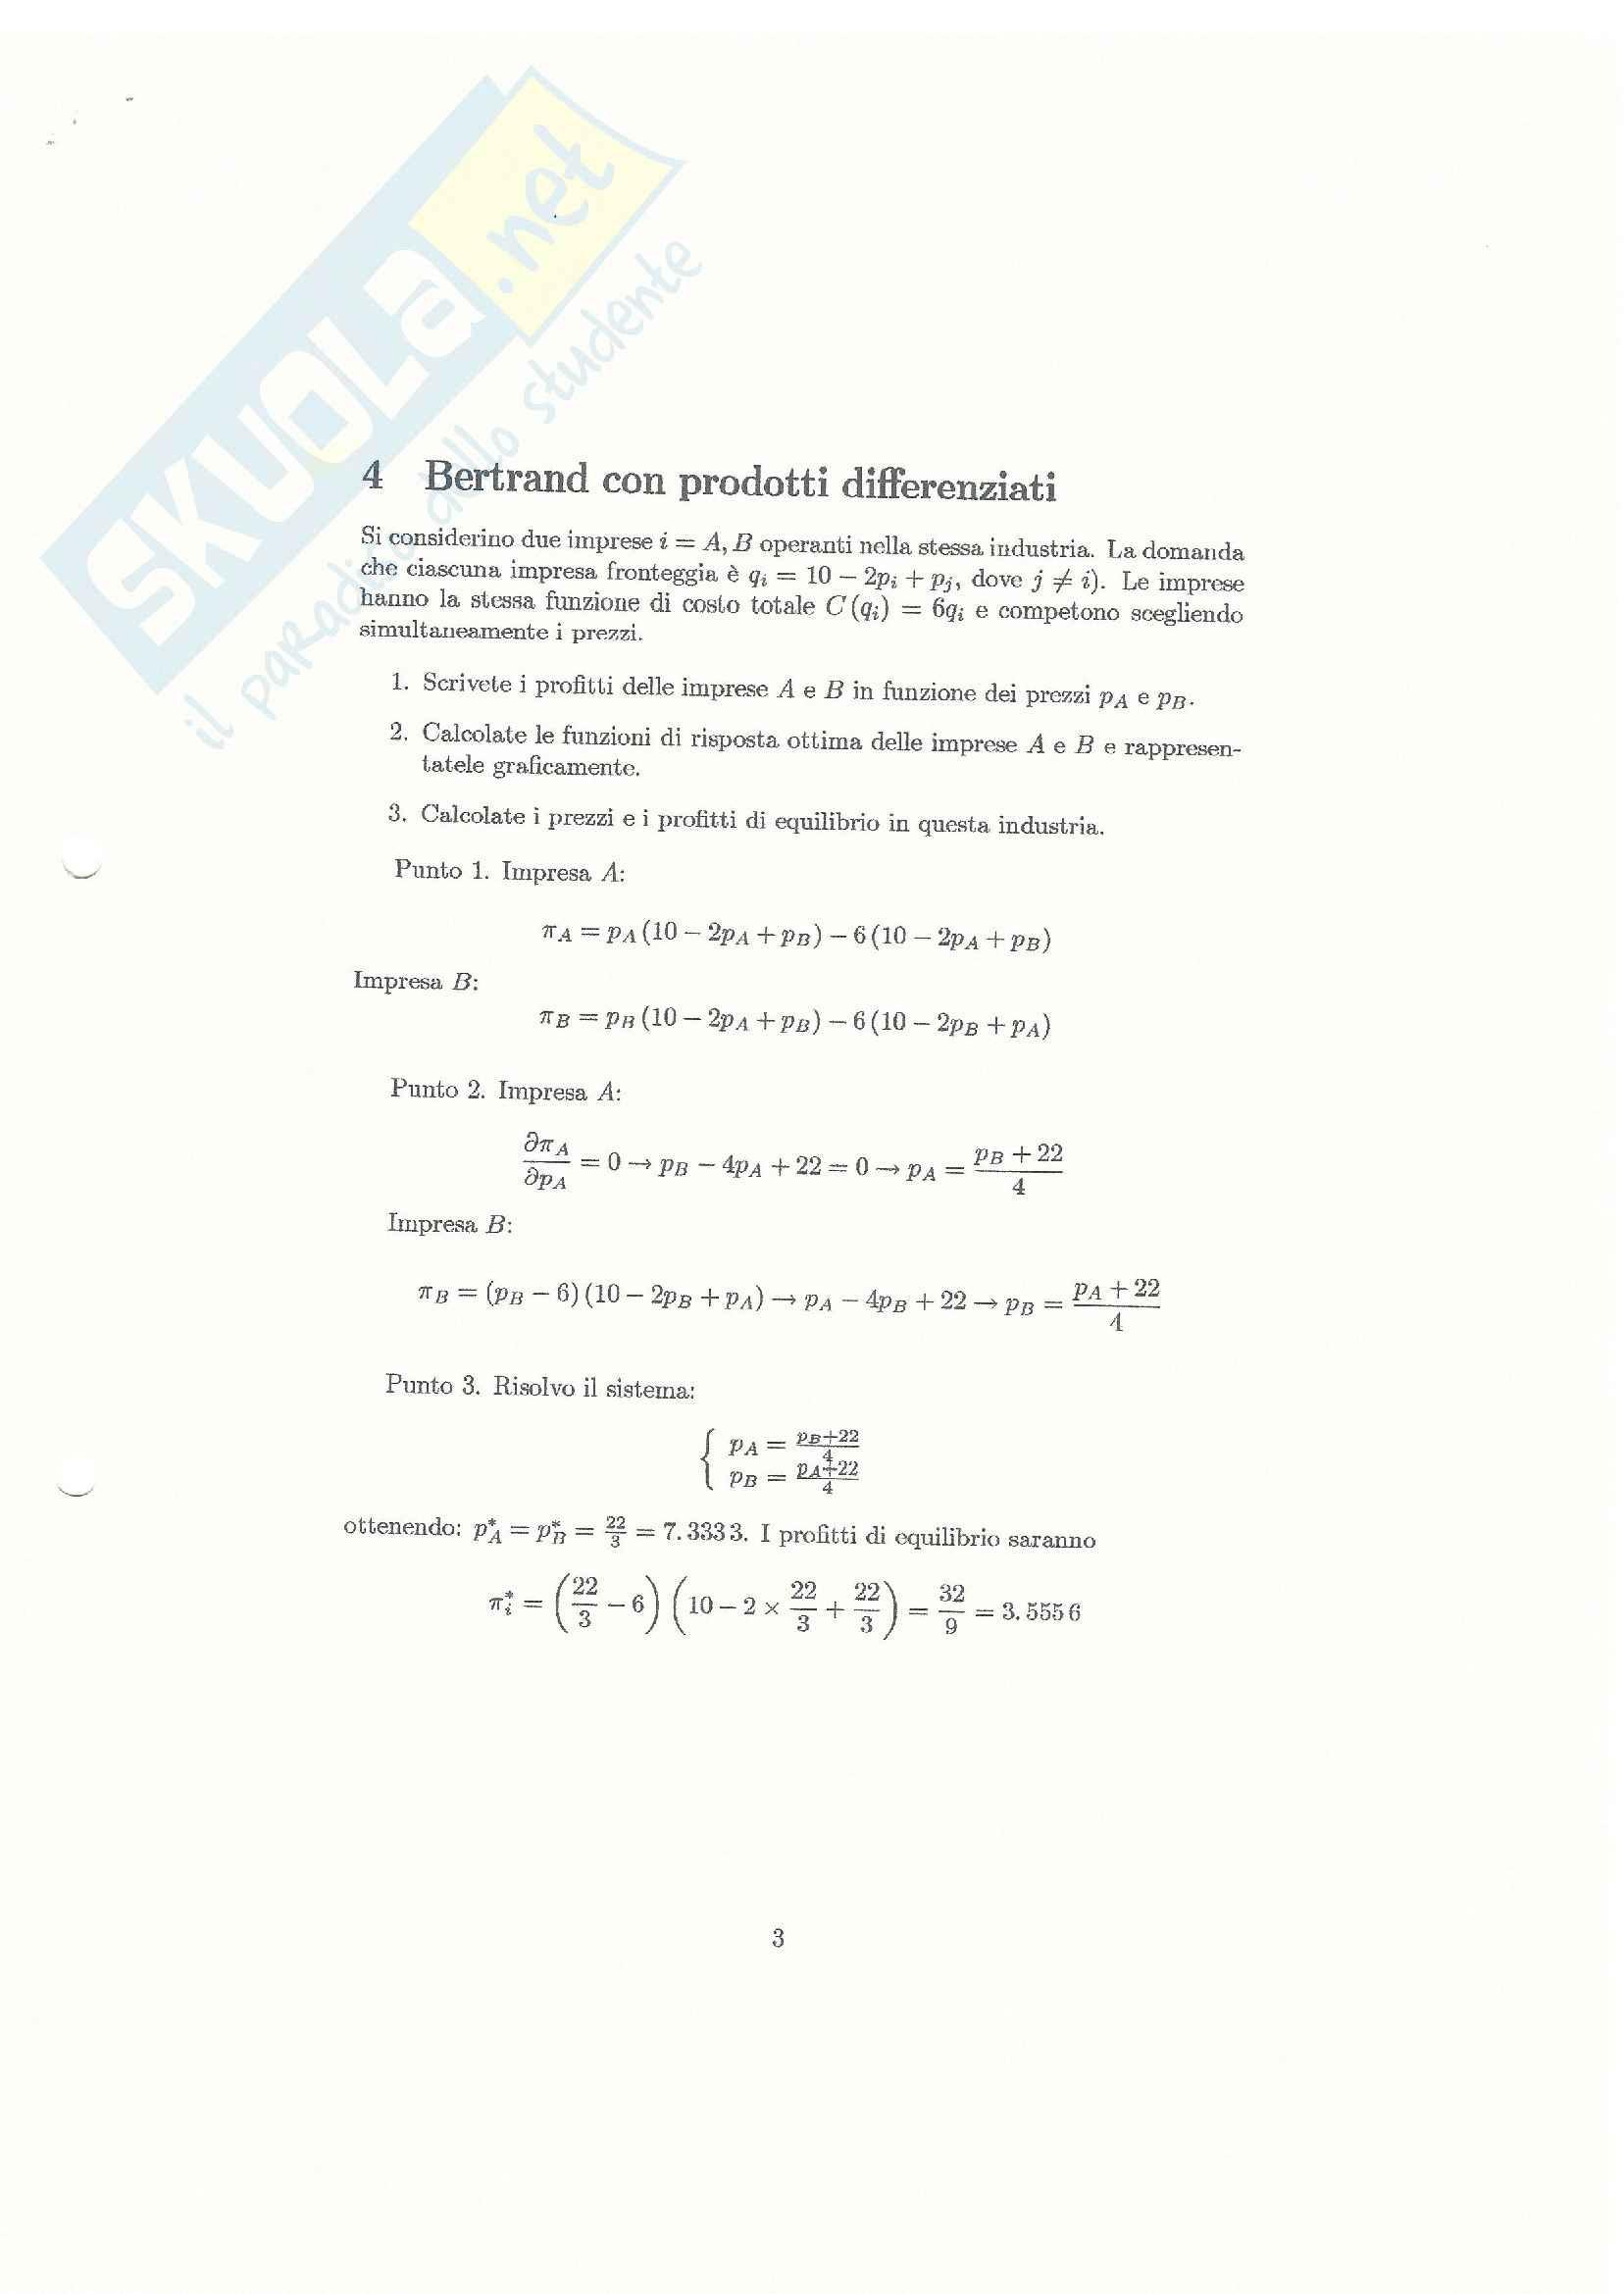 Teorie e esercitazioni su microeconomia,  Economia politica Pag. 96